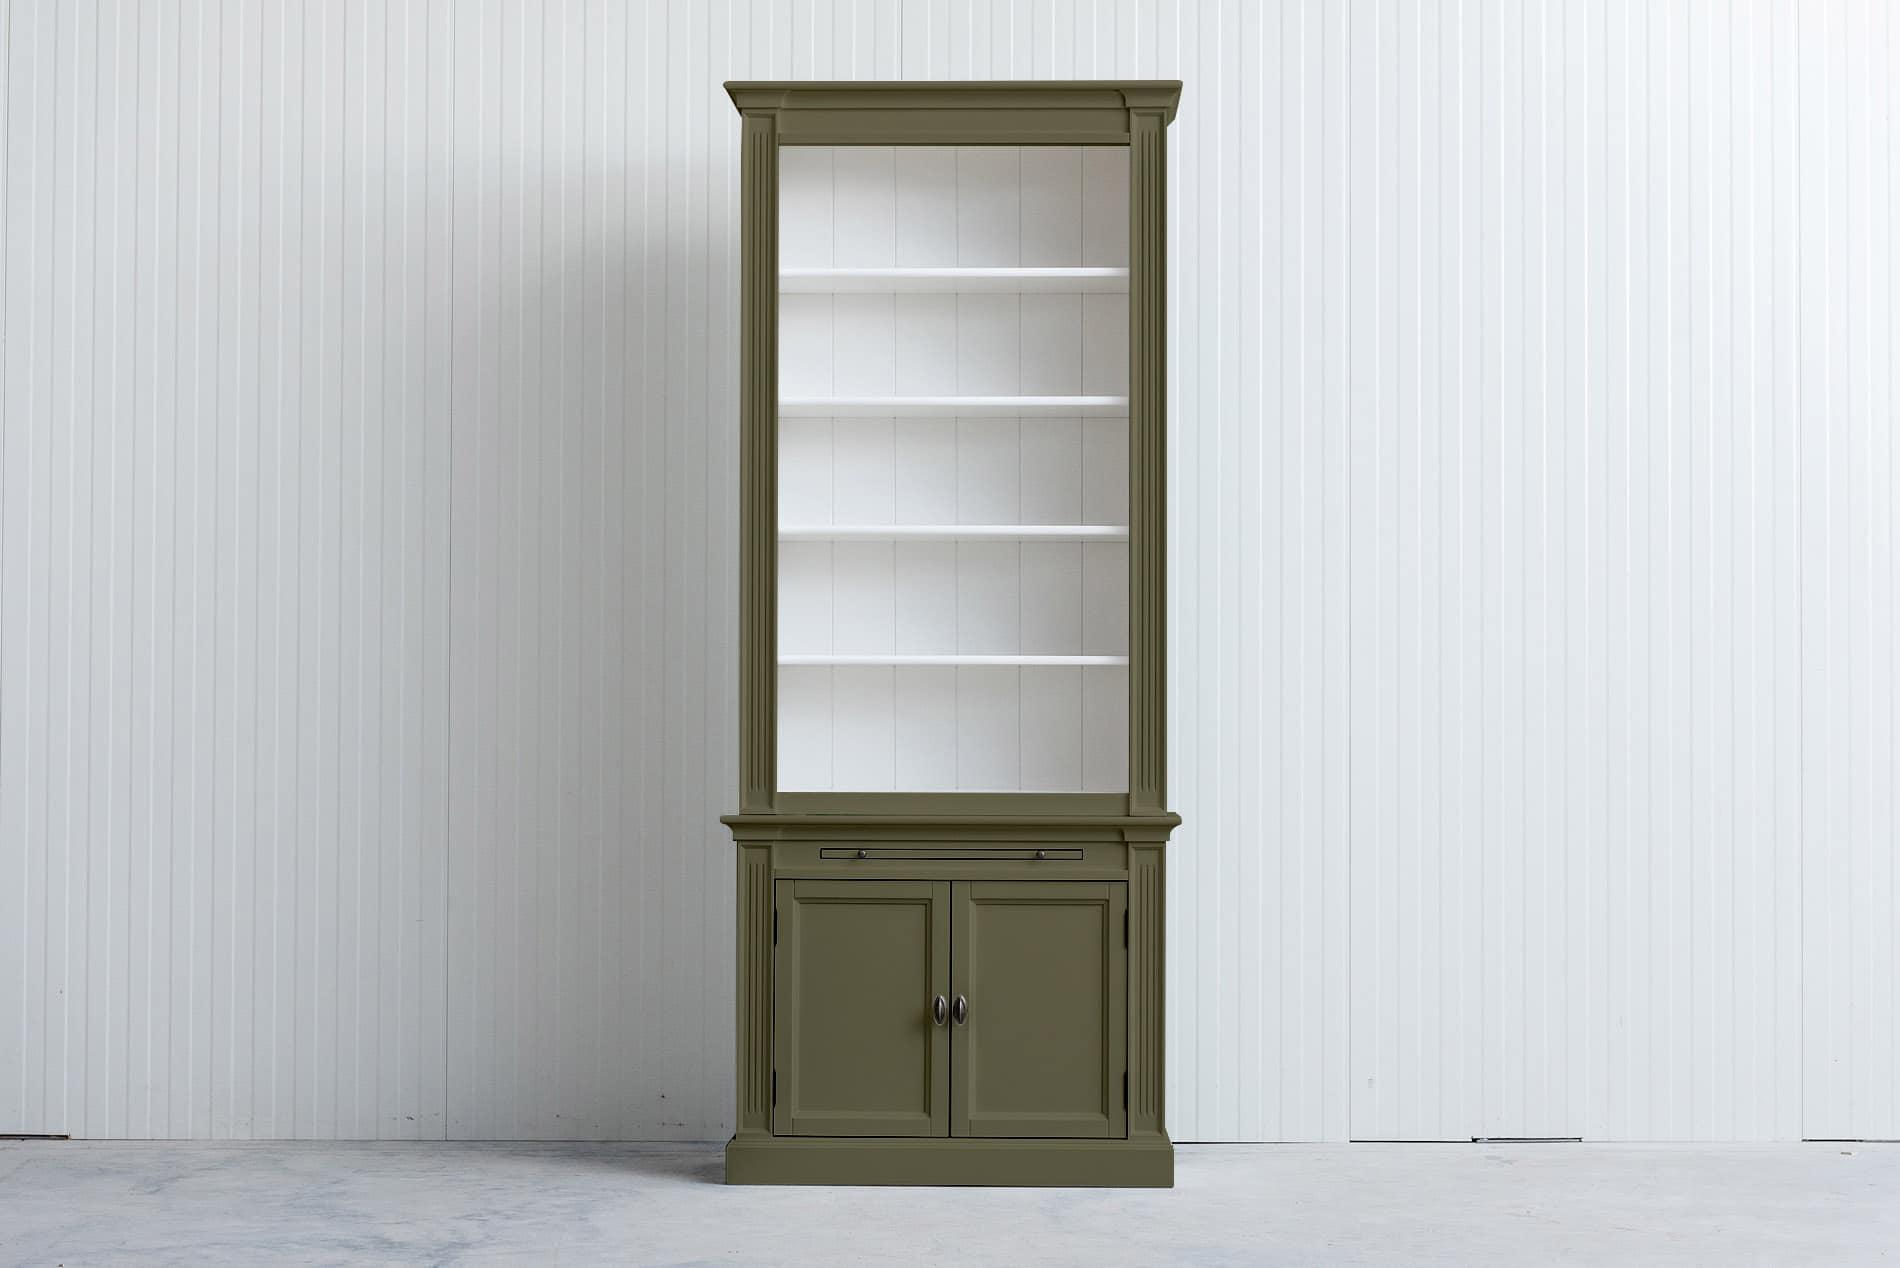 Landelijke boekenkast 1 m – Rietgroen – RAL6013